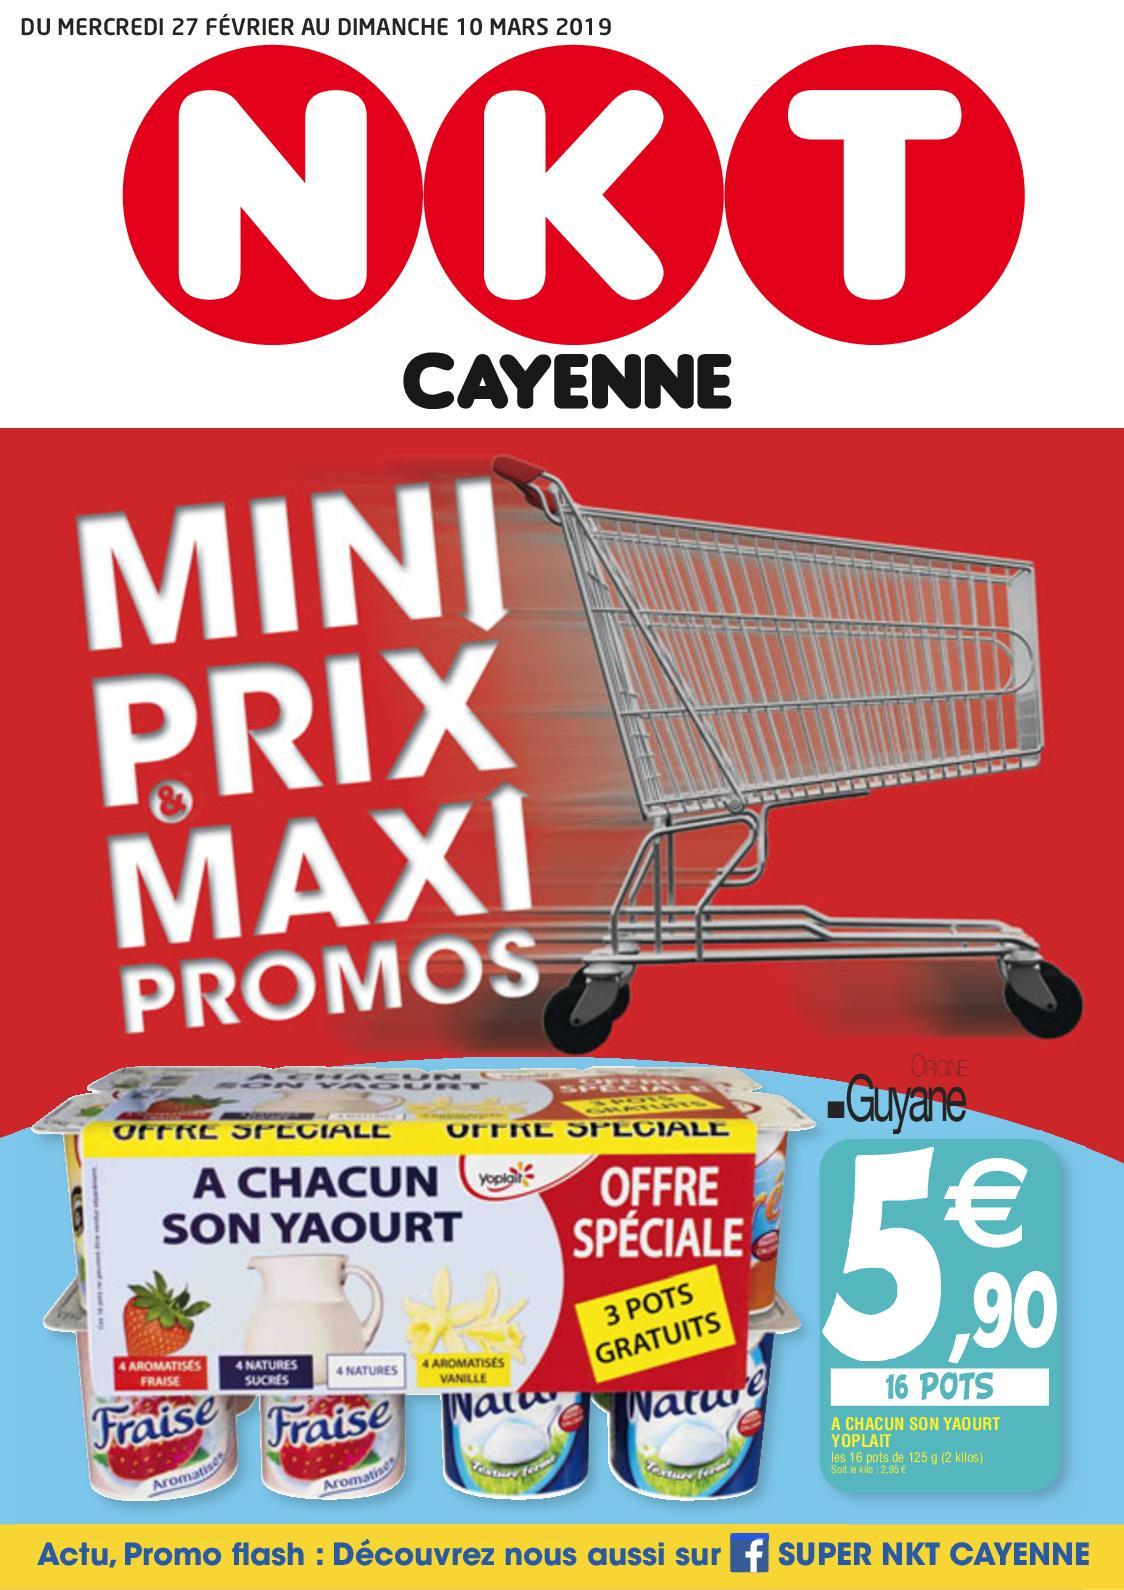 """NKT Cayenne - Catalogue """"Mini Prix, Maxi Promos"""" du 27/02 au 10/03/2019"""